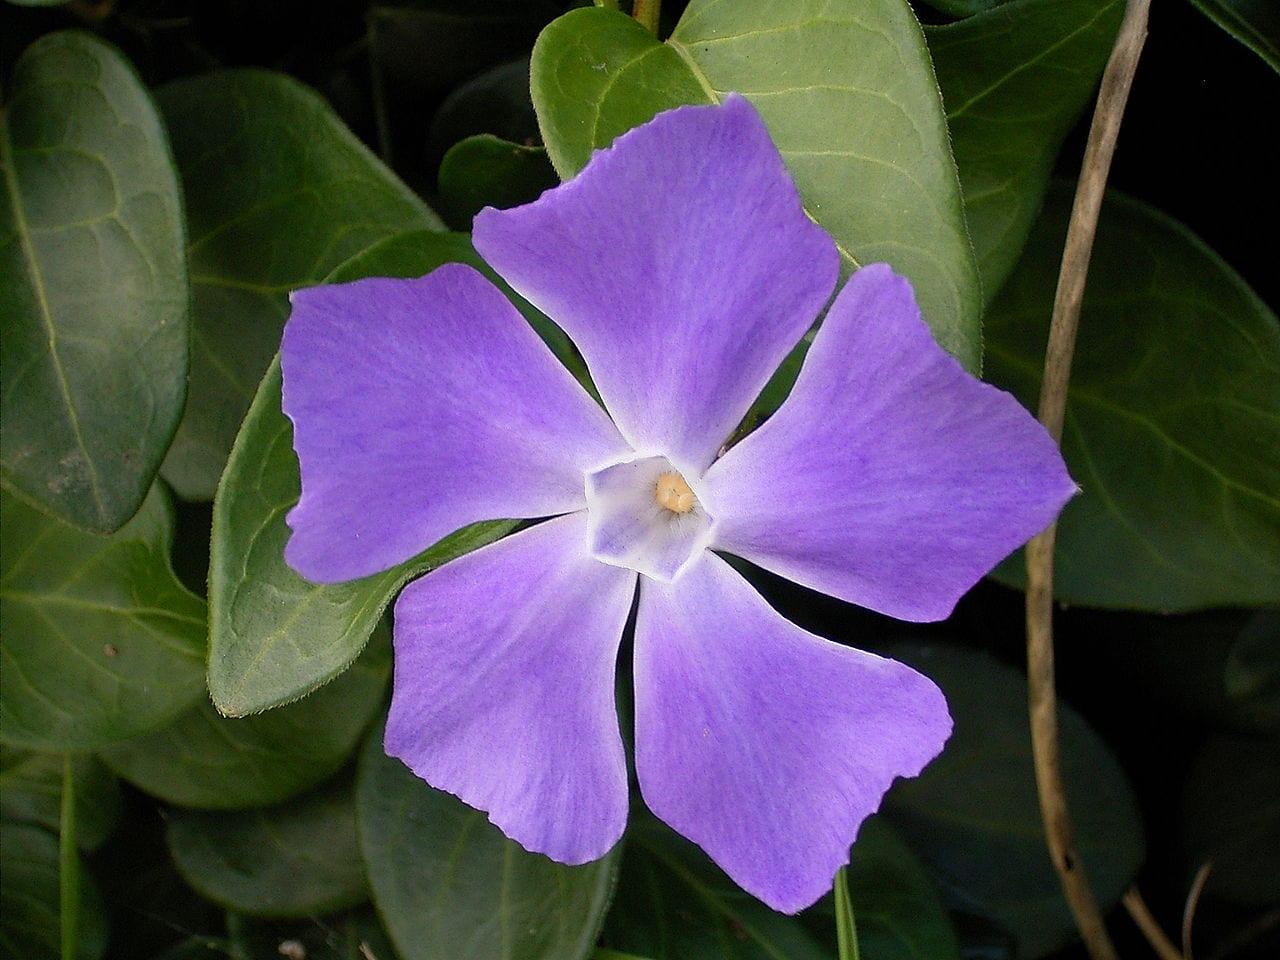 Planta de Vinca major en flor